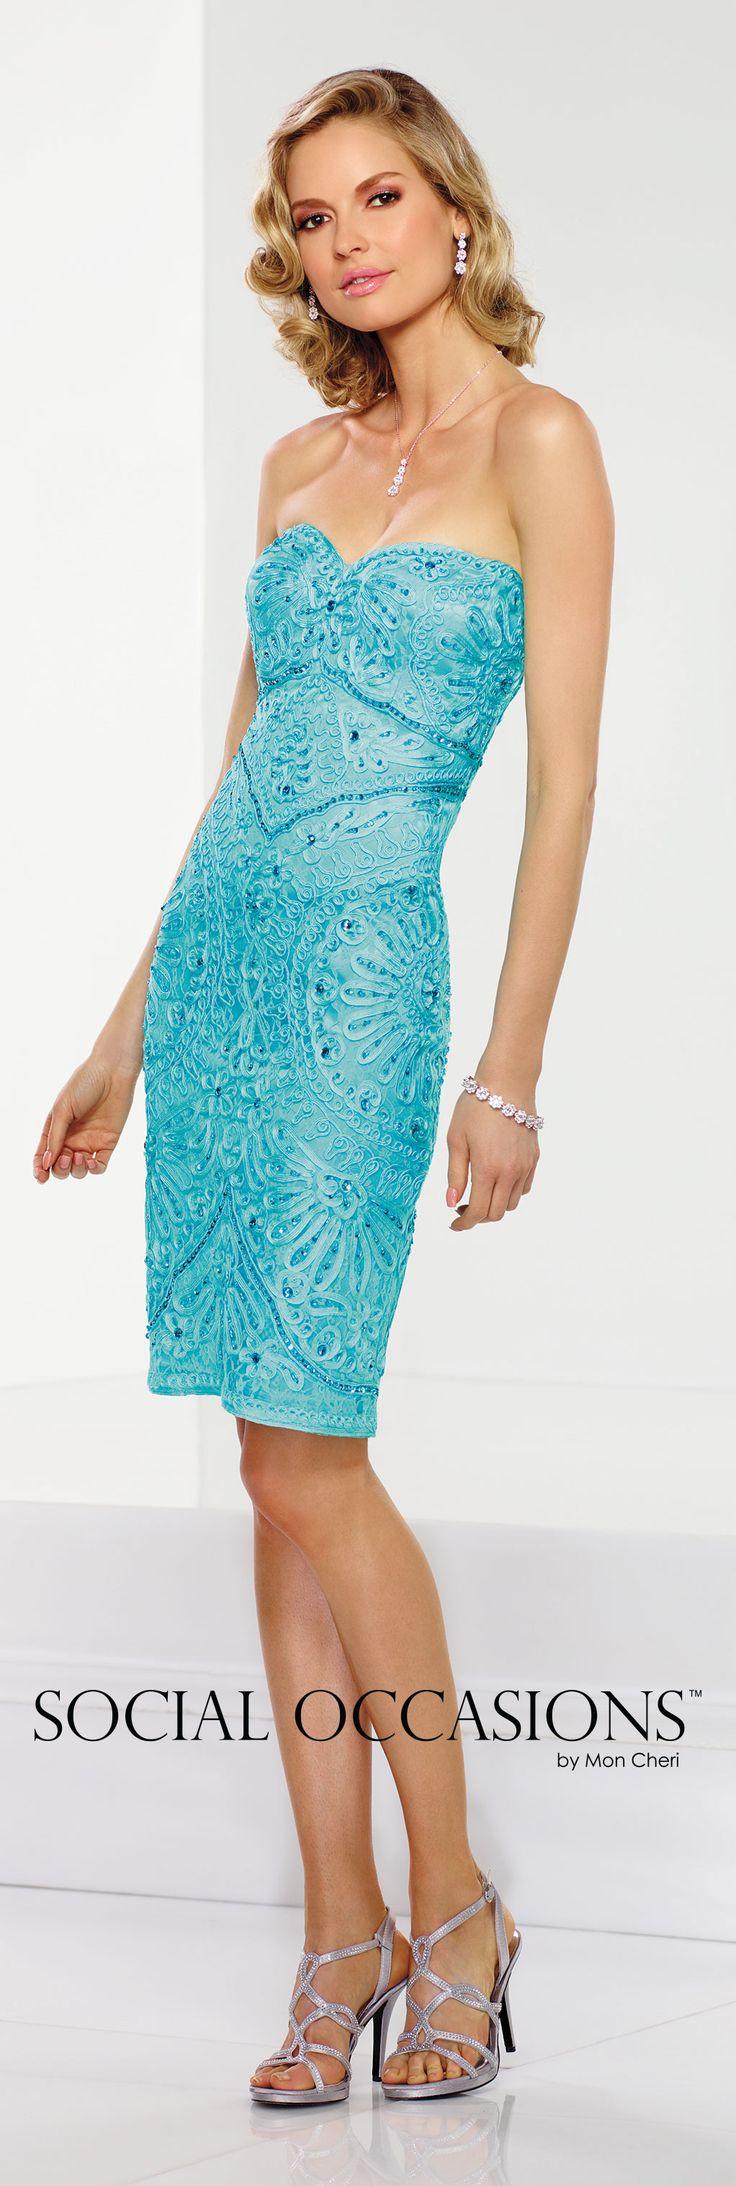 140 best ชุดสาวสั้น images on Pinterest   Elegant dresses, Short ...